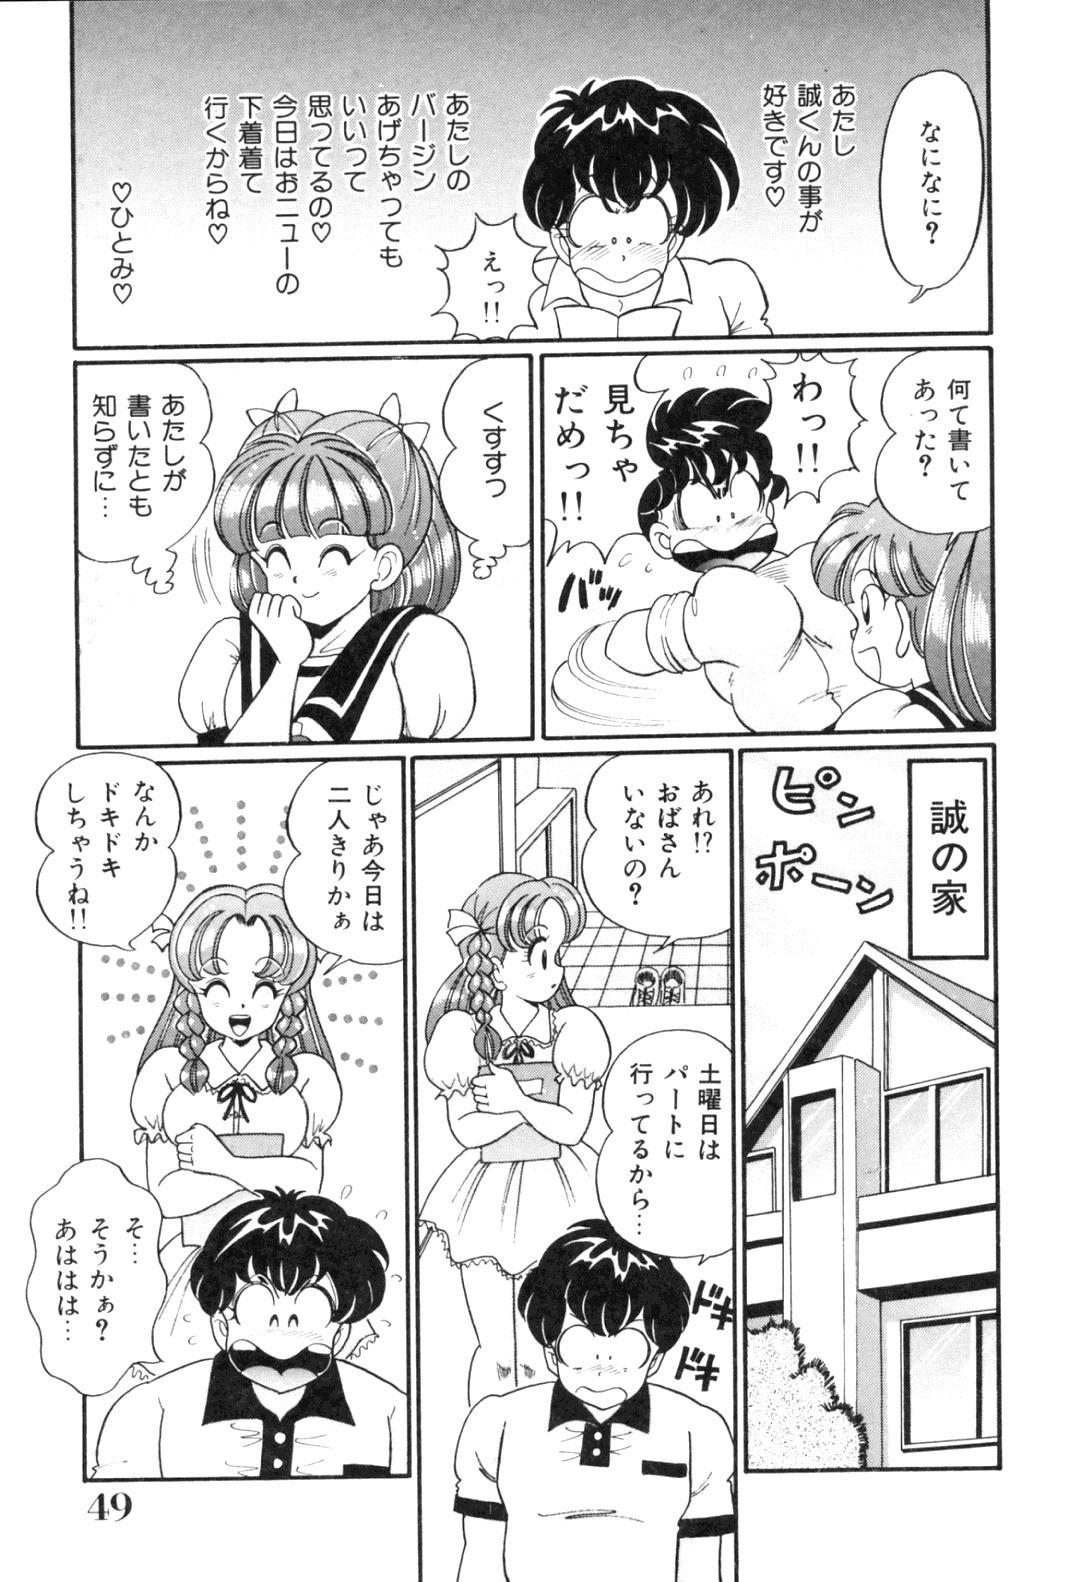 [Watanabe Wataru] Tonari no Onee-san - Sister of Neighborhood 50